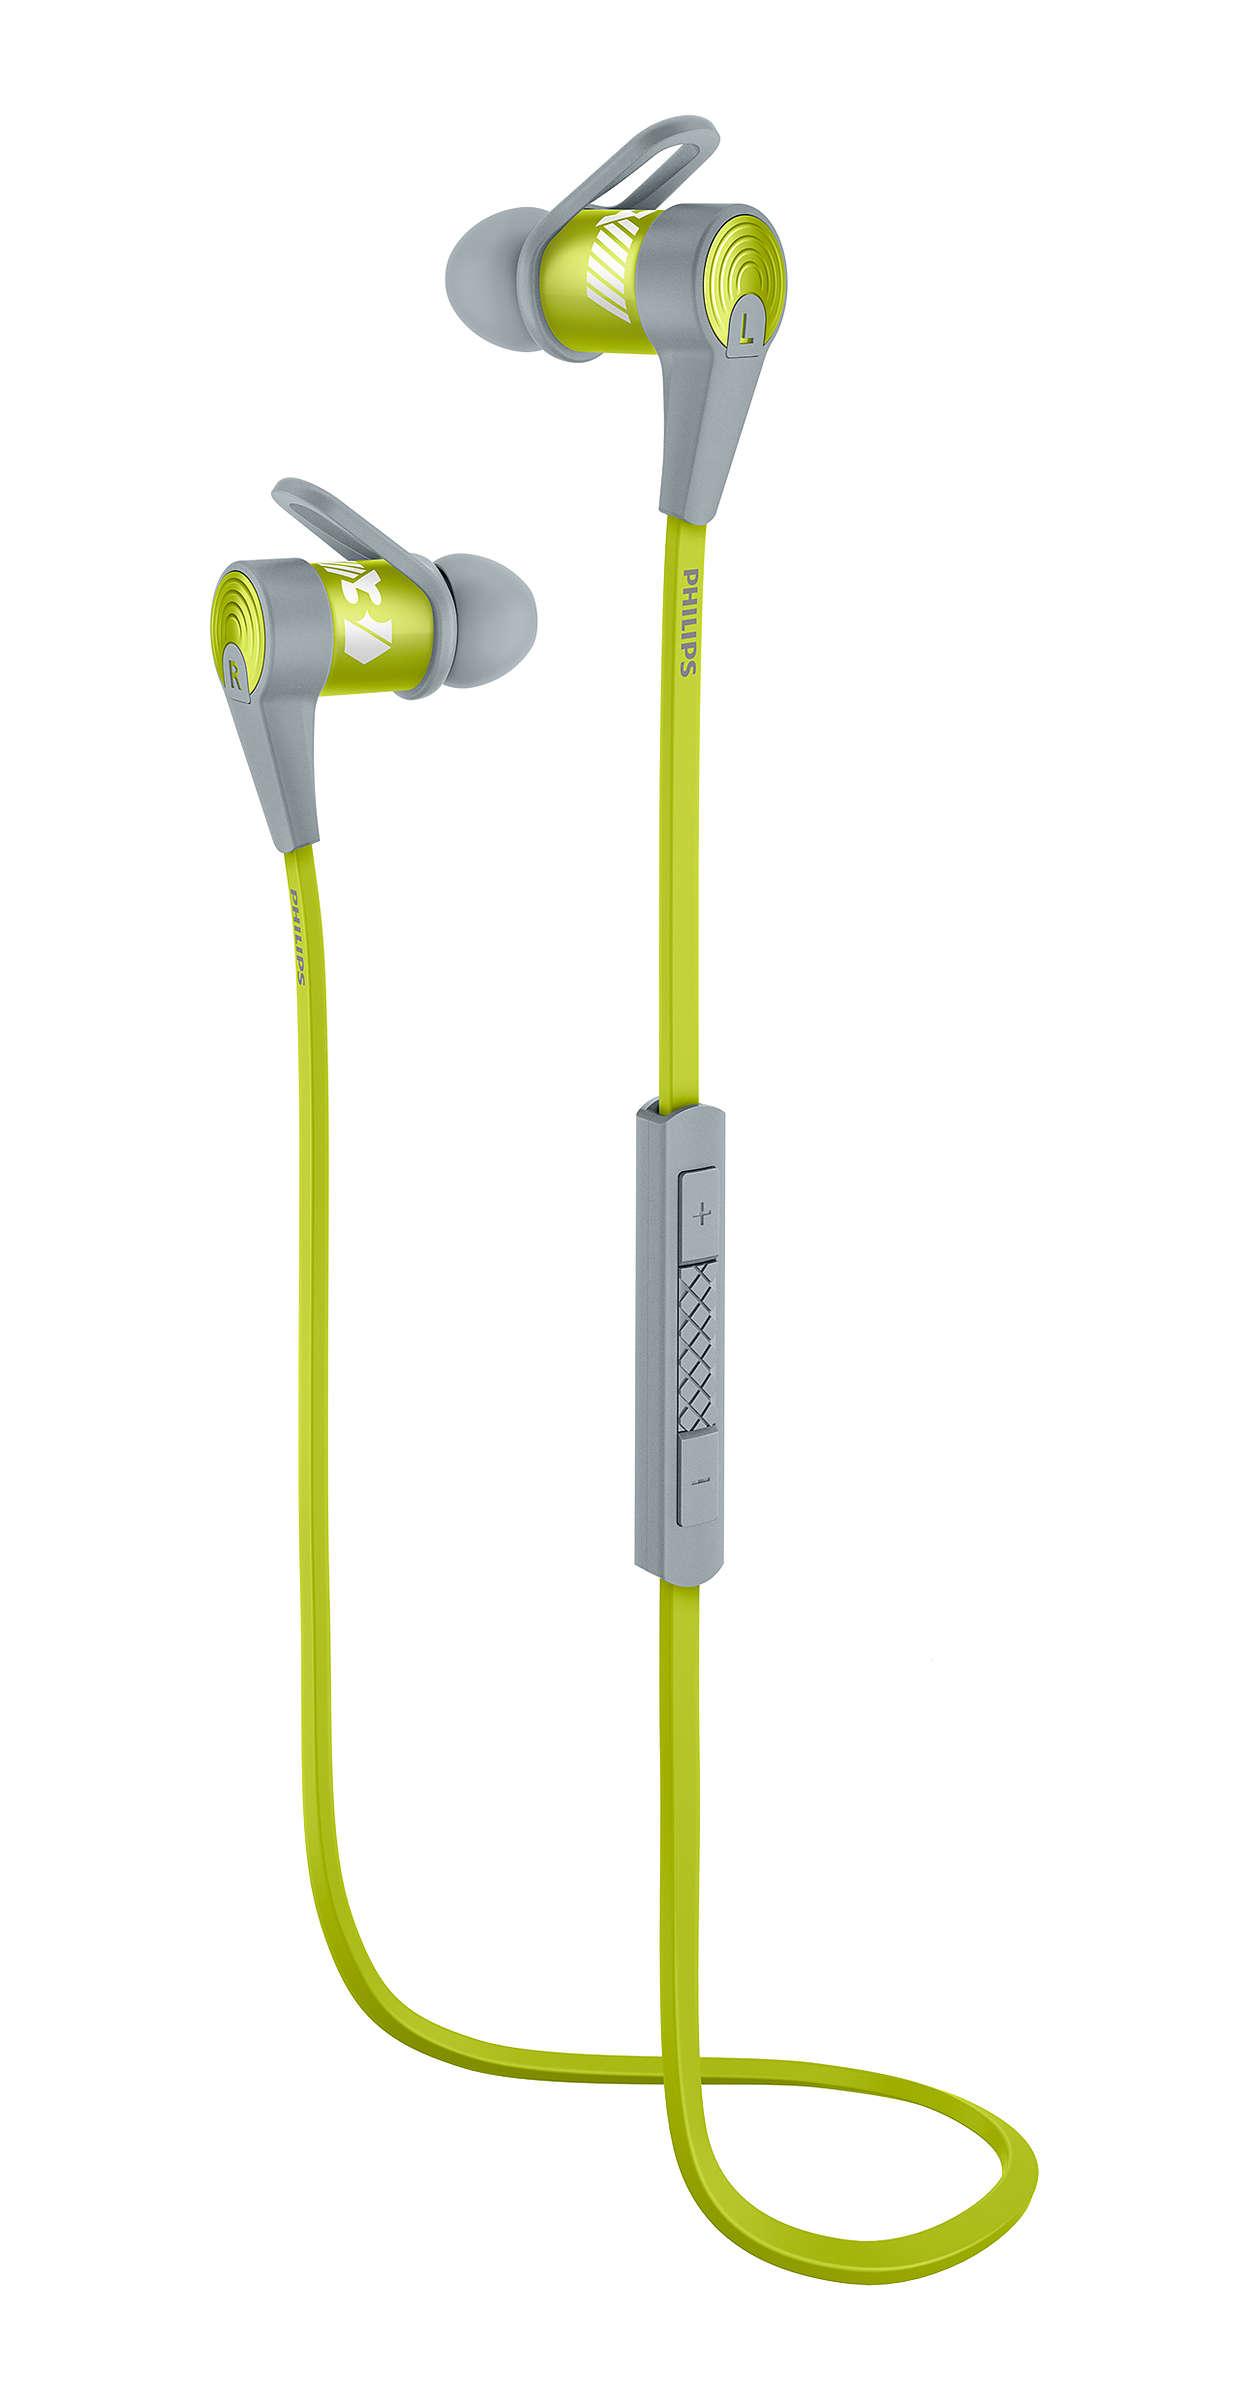 Diseñados para música y deportes